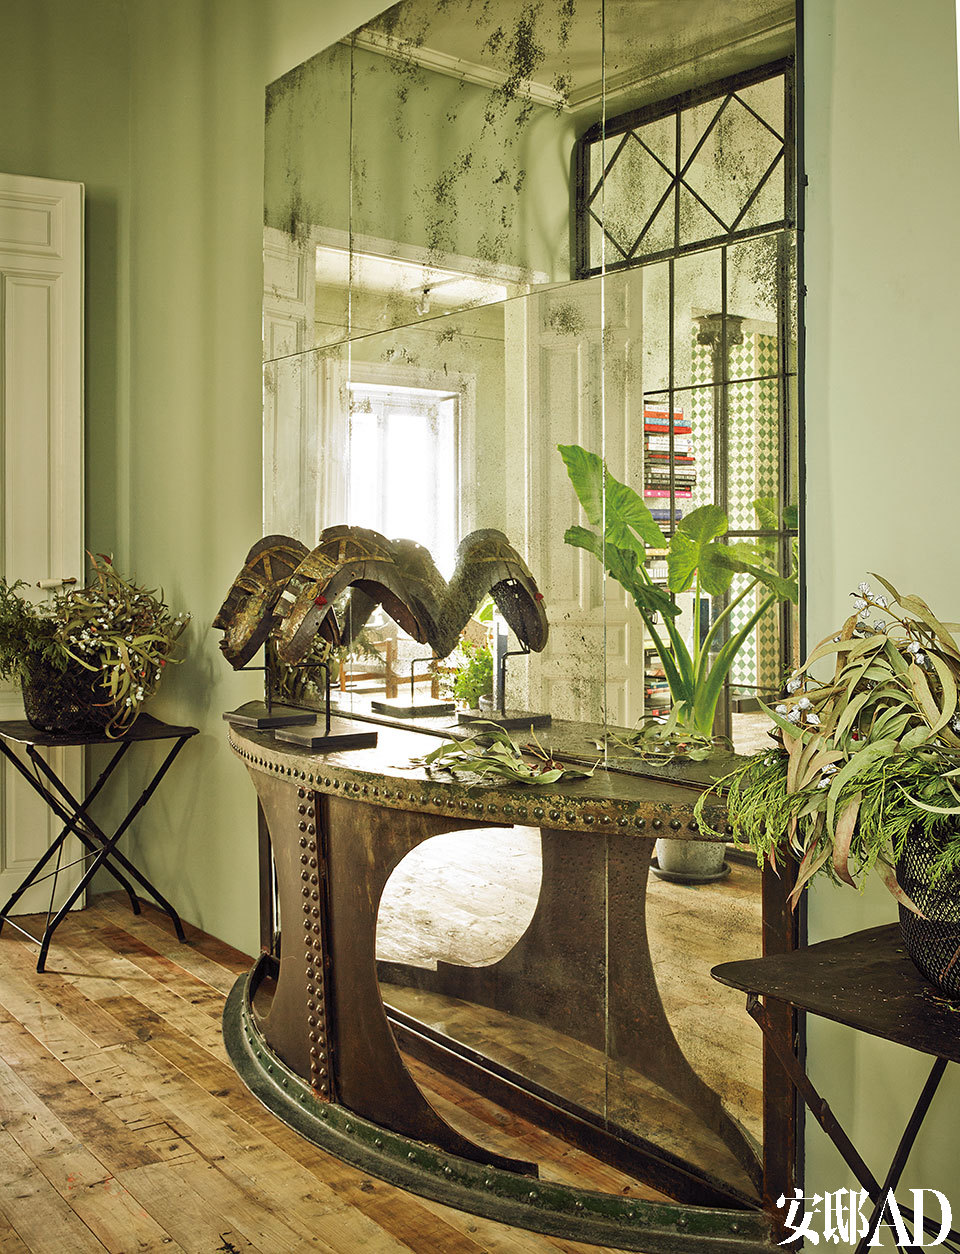 进门处,摆放着由旧长椅改造而成的铁制桌台,购自巴黎一家古董店。桌台上摆放着喀麦隆面具。做旧的镜子来自De Robles。一对简易小桌来自马德里丽池公园(Parque del Retiro)。